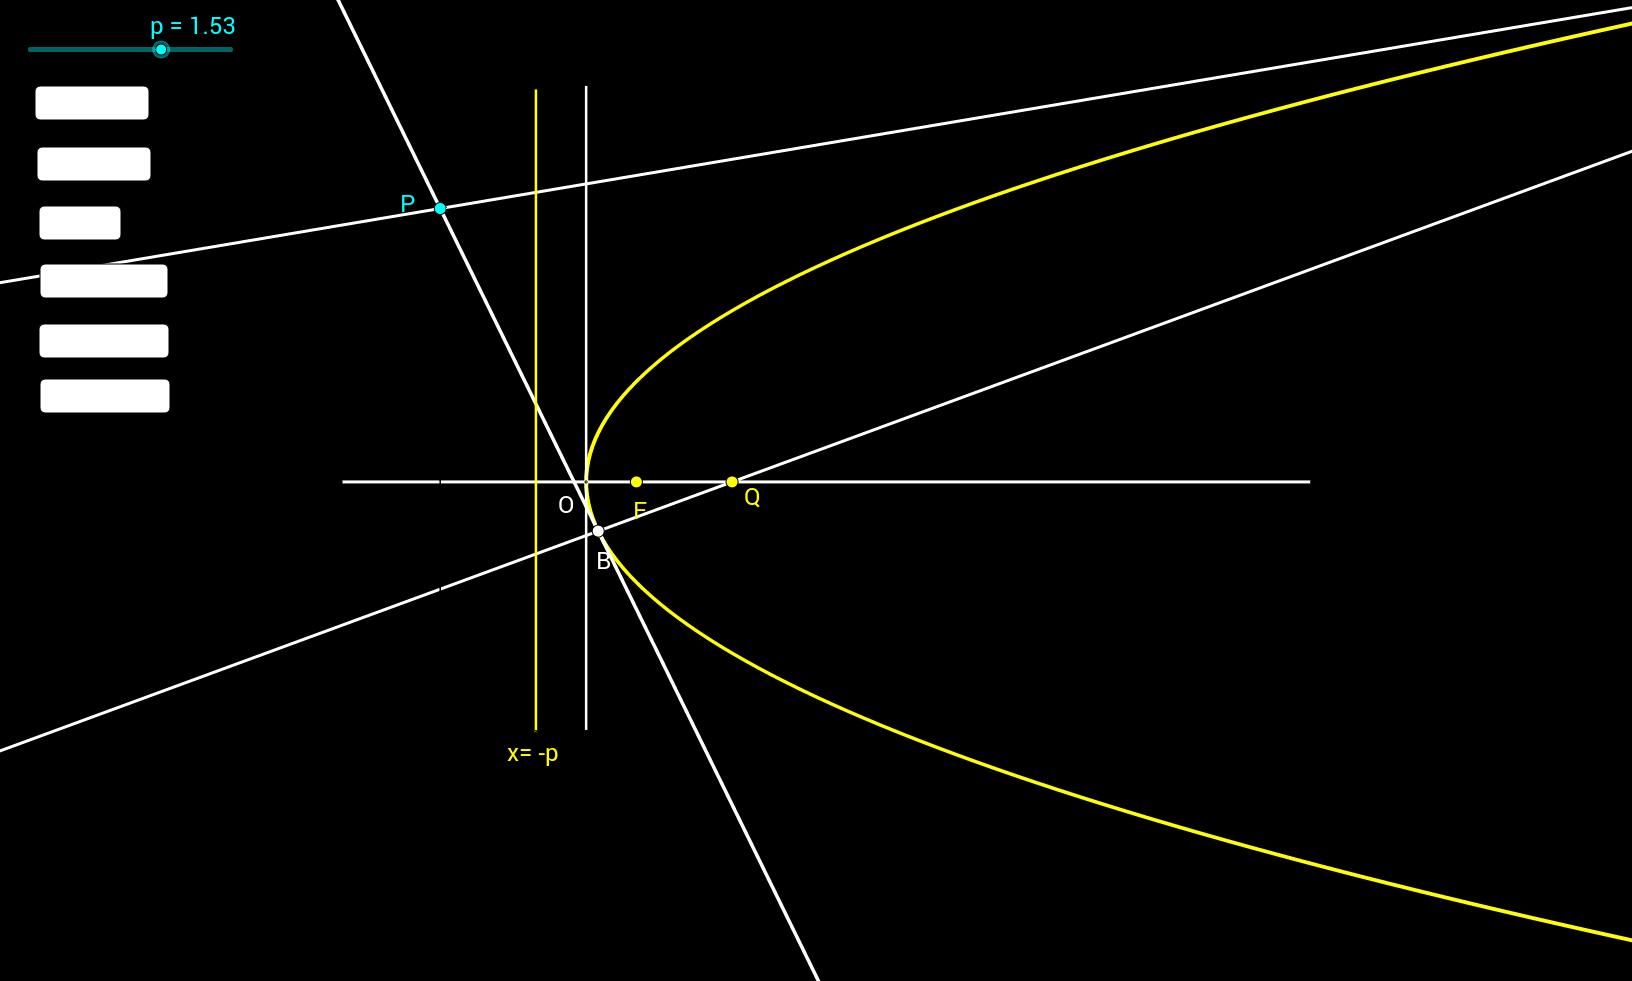 포물선_축의정점을지나는직선에 대한 극점의자취